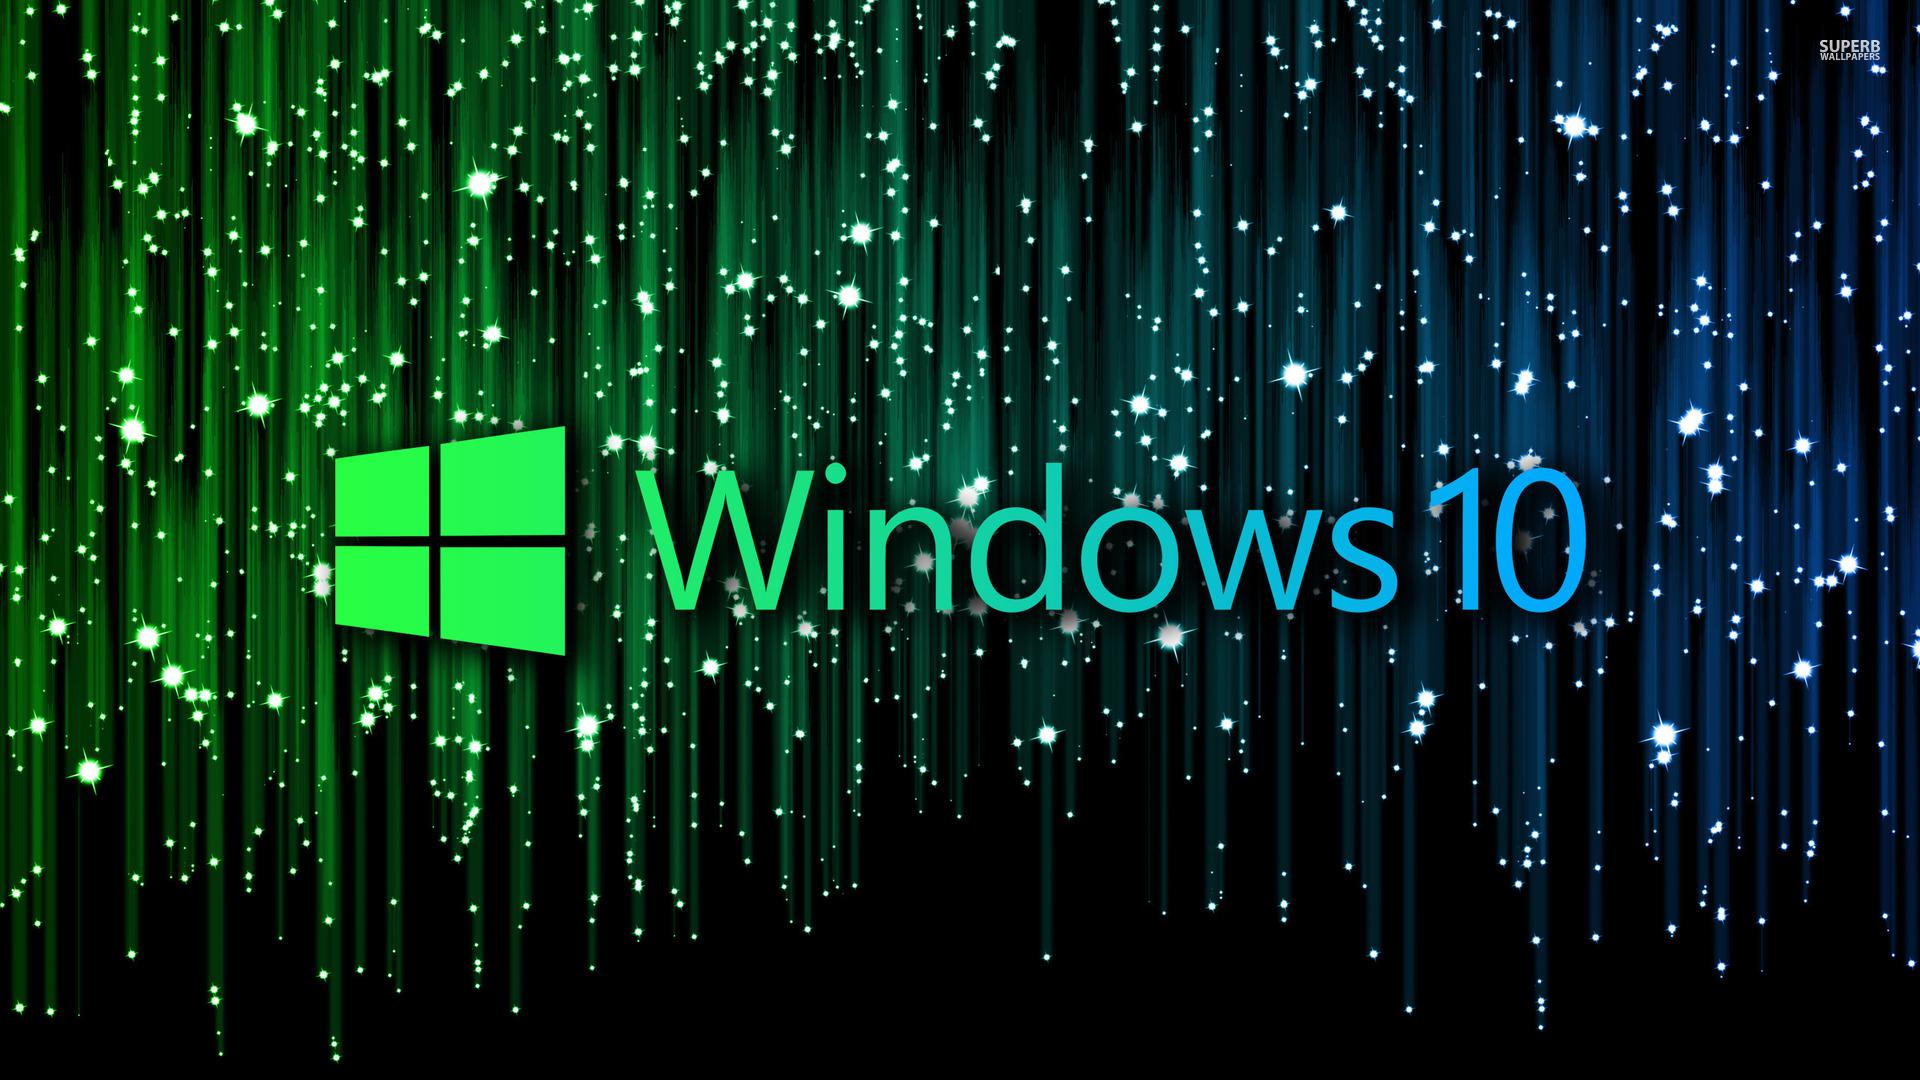 Windows 10 S'den Windows 10 Pro'ya nasıl yükseltilir?